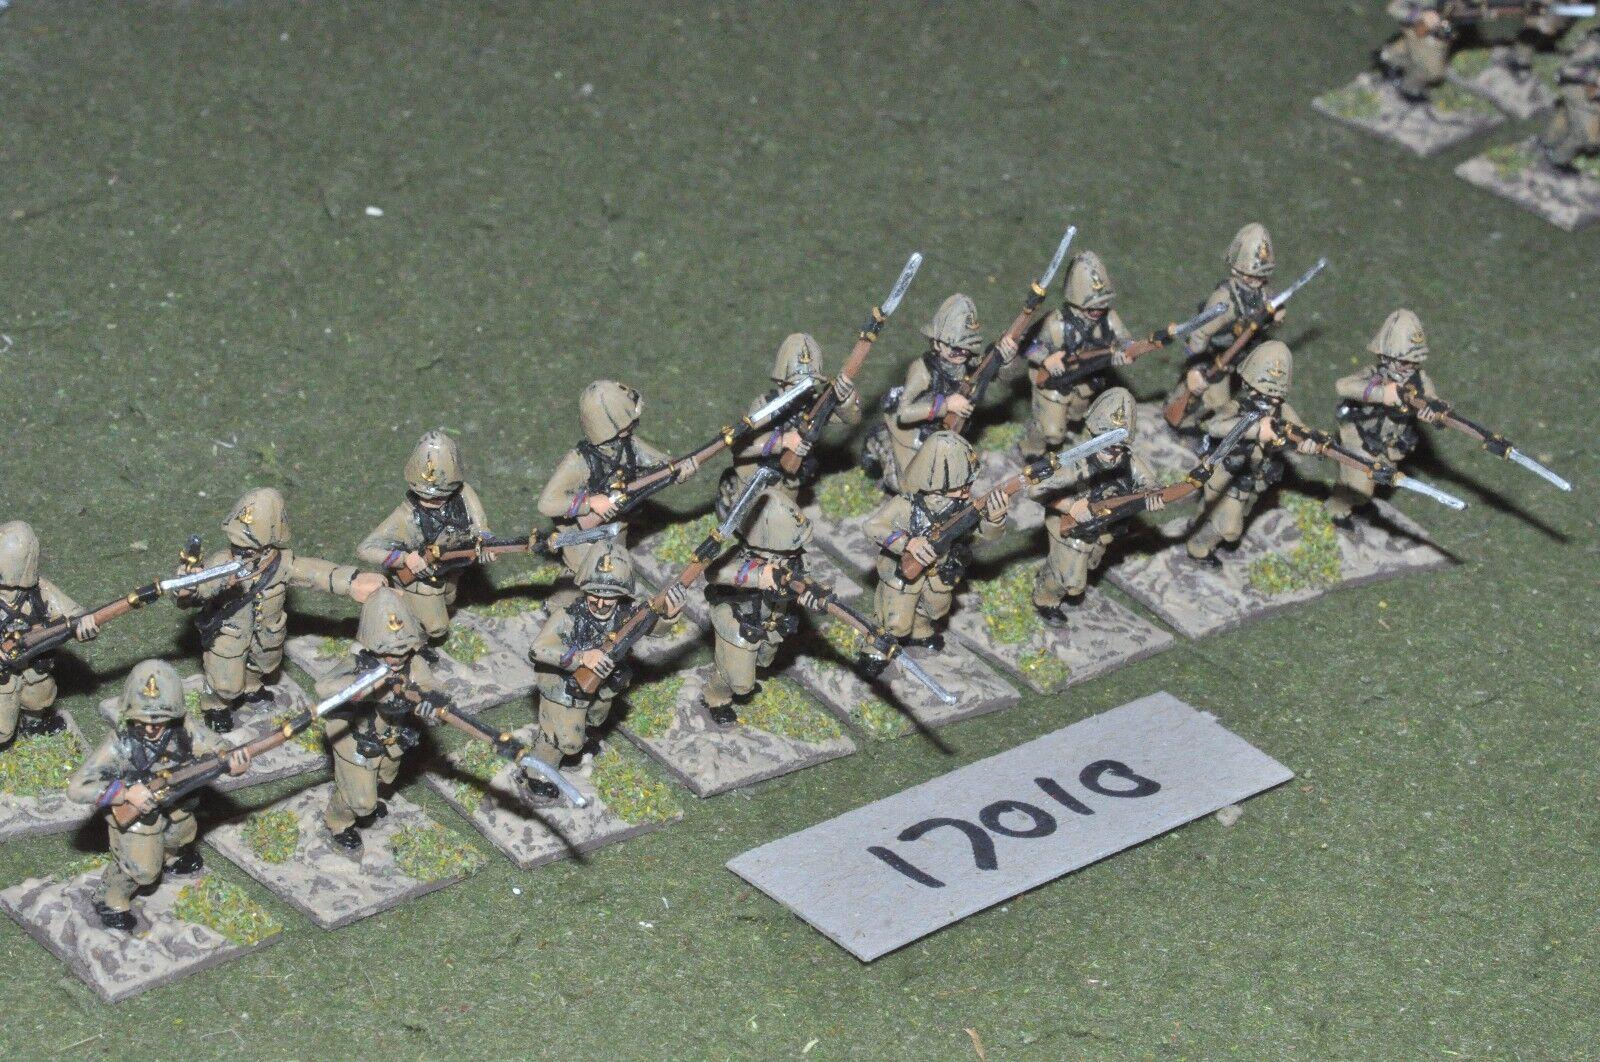 25mm francés-colonial marines 16 higos-INF (17010)